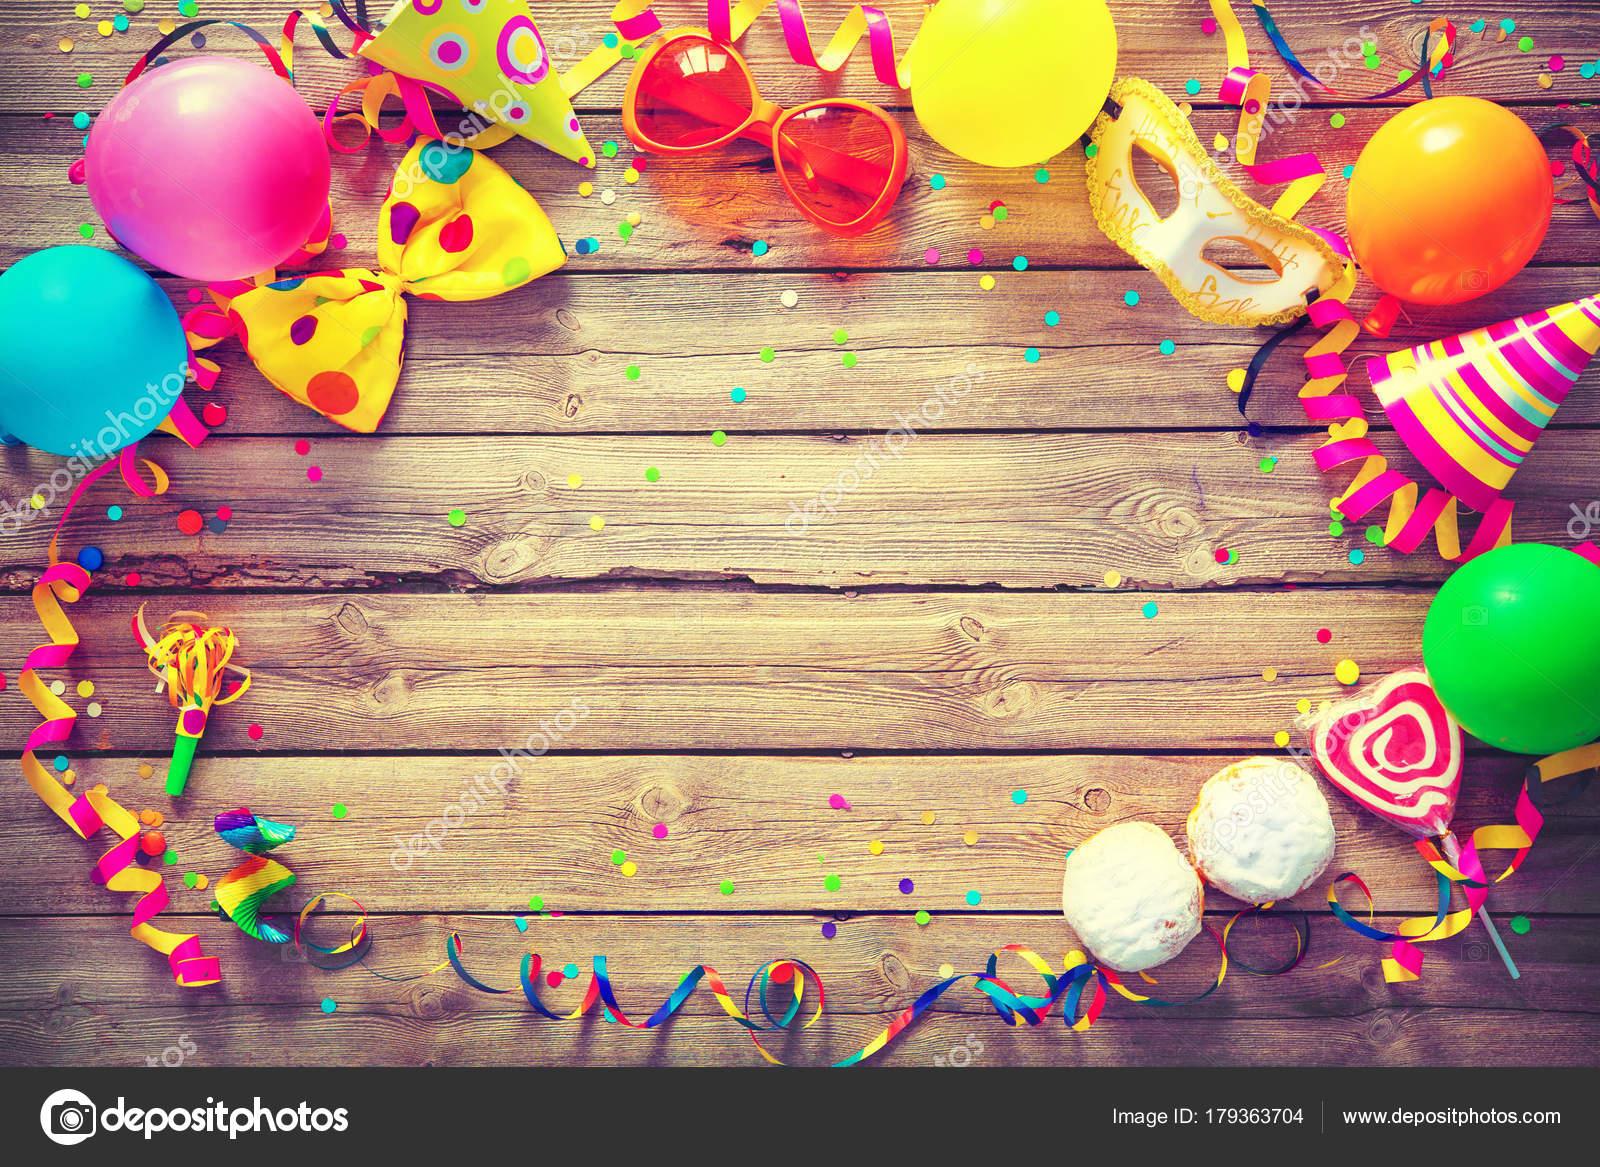 Bunte Geburtstag Oder Karneval Hintergrund Stockfoto C Alexraths